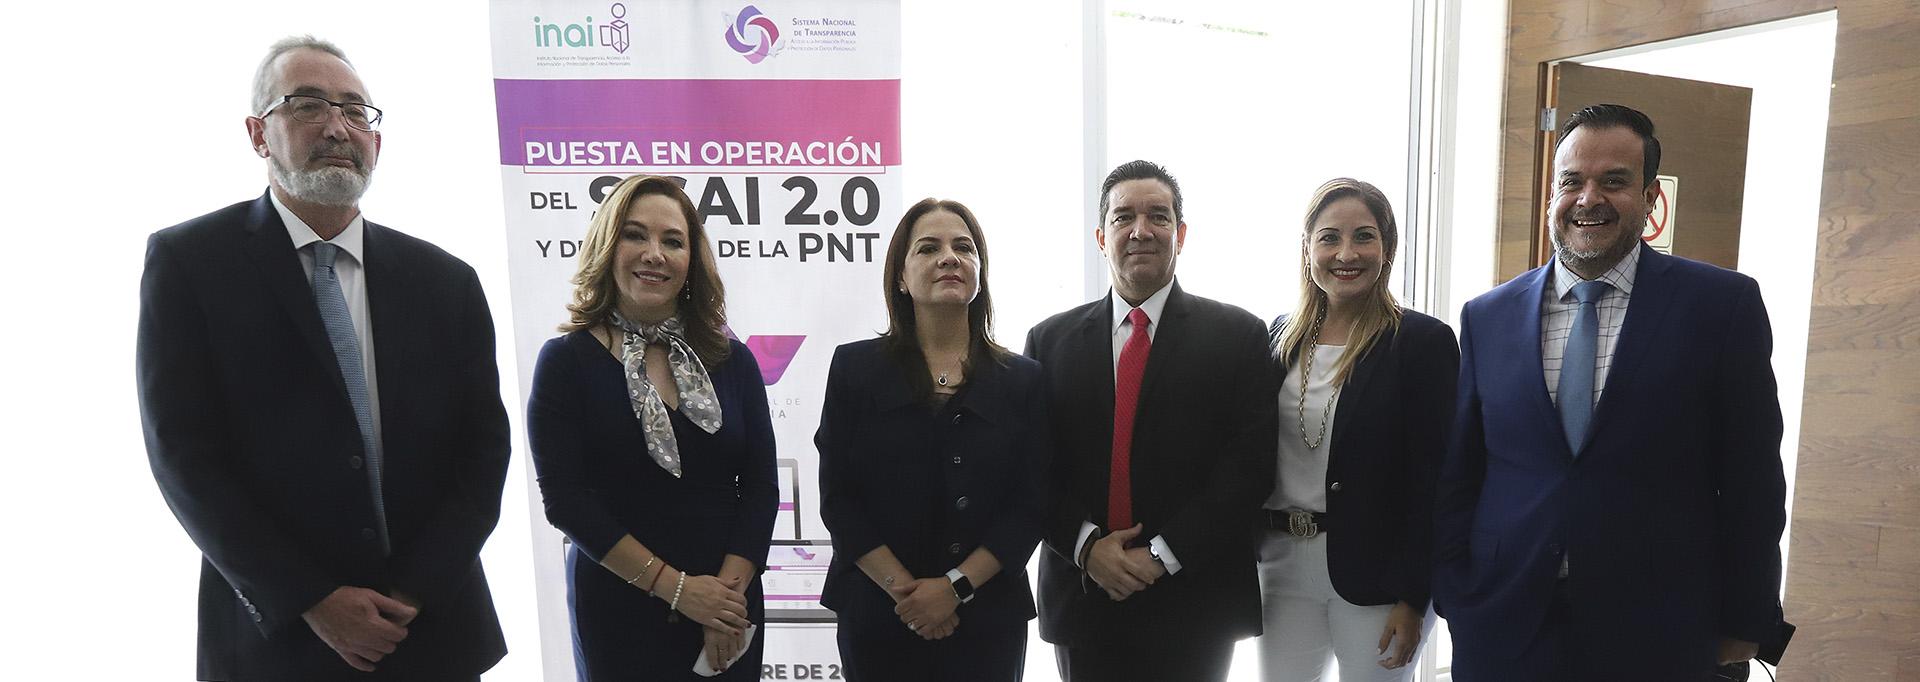 El Comisionado Presidente del INFO CDMX participó en la puesta en operación del SISAI 2.0 y de la App de la Plataforma Nacional de Transparencia.